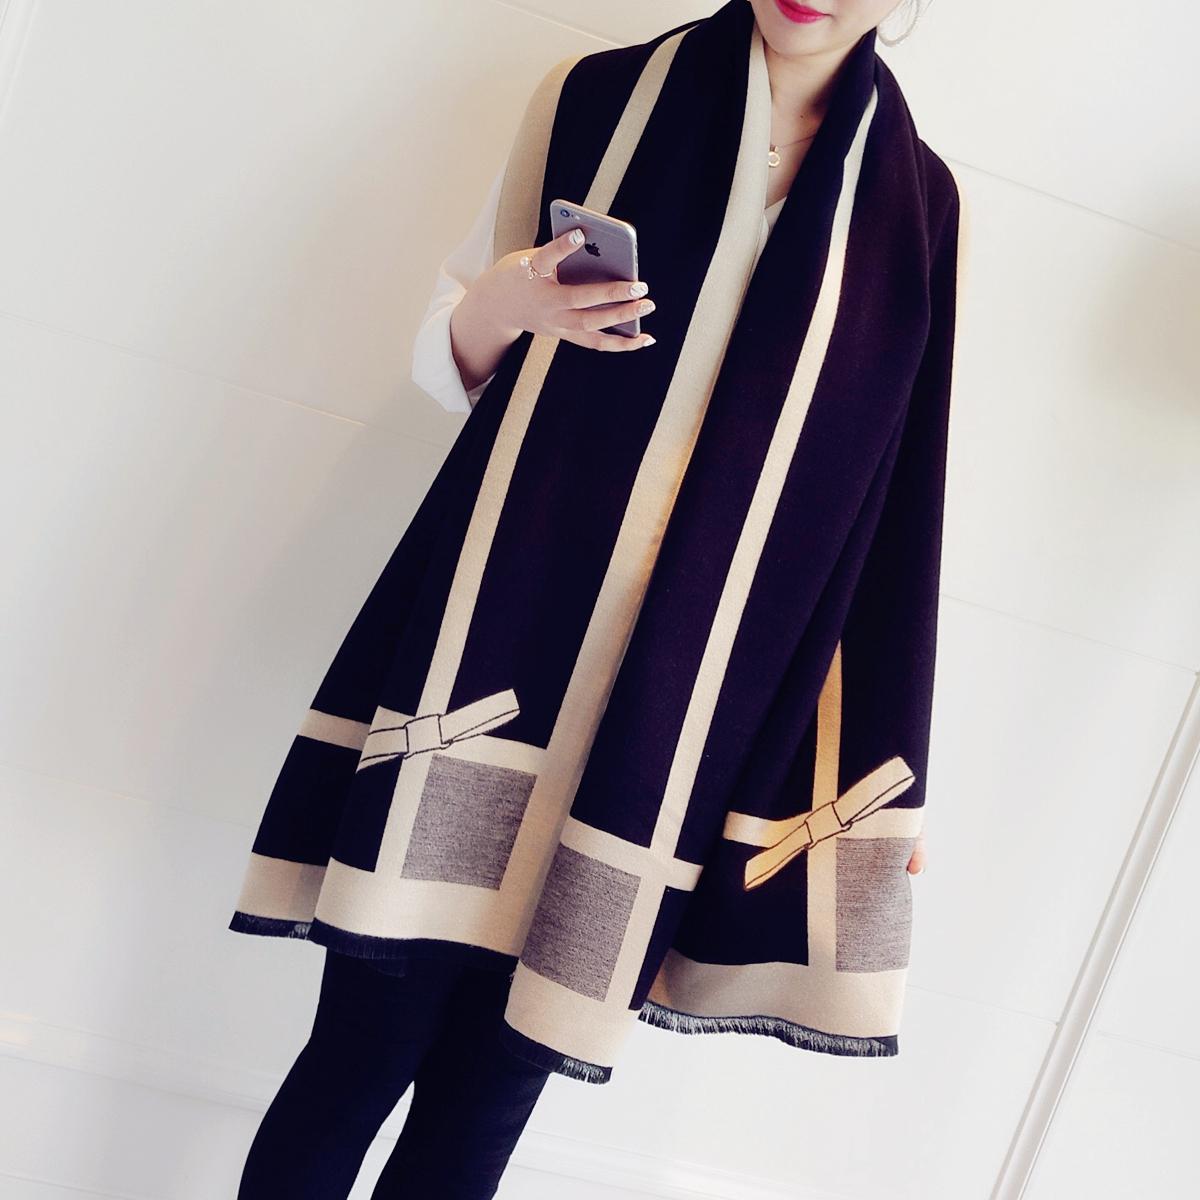 小溜家韩国秋冬仿羊绒围巾女气质拼色蝴蝶结超大双面披肩两用围脖